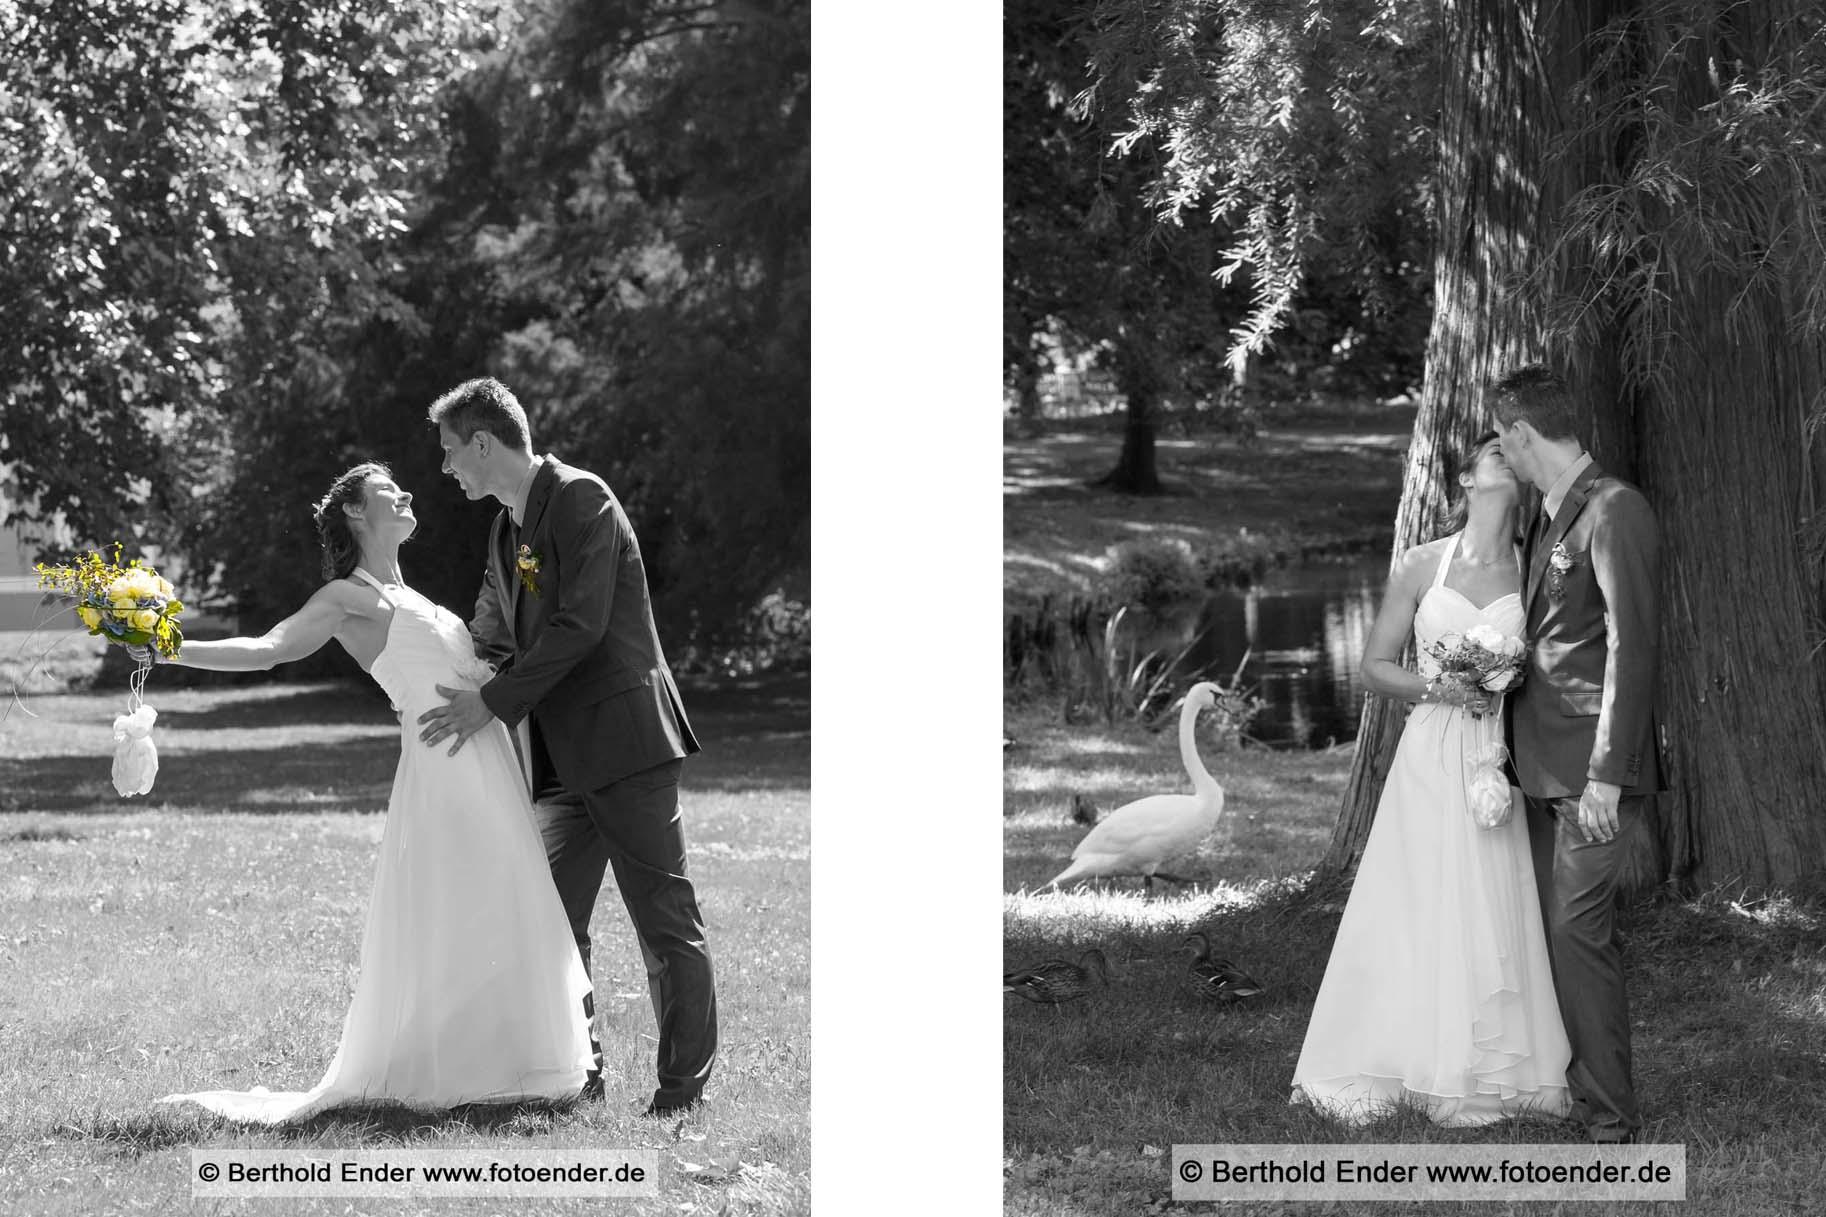 Brautpaar-Shooting in Zerbst - Fotostudio Ender